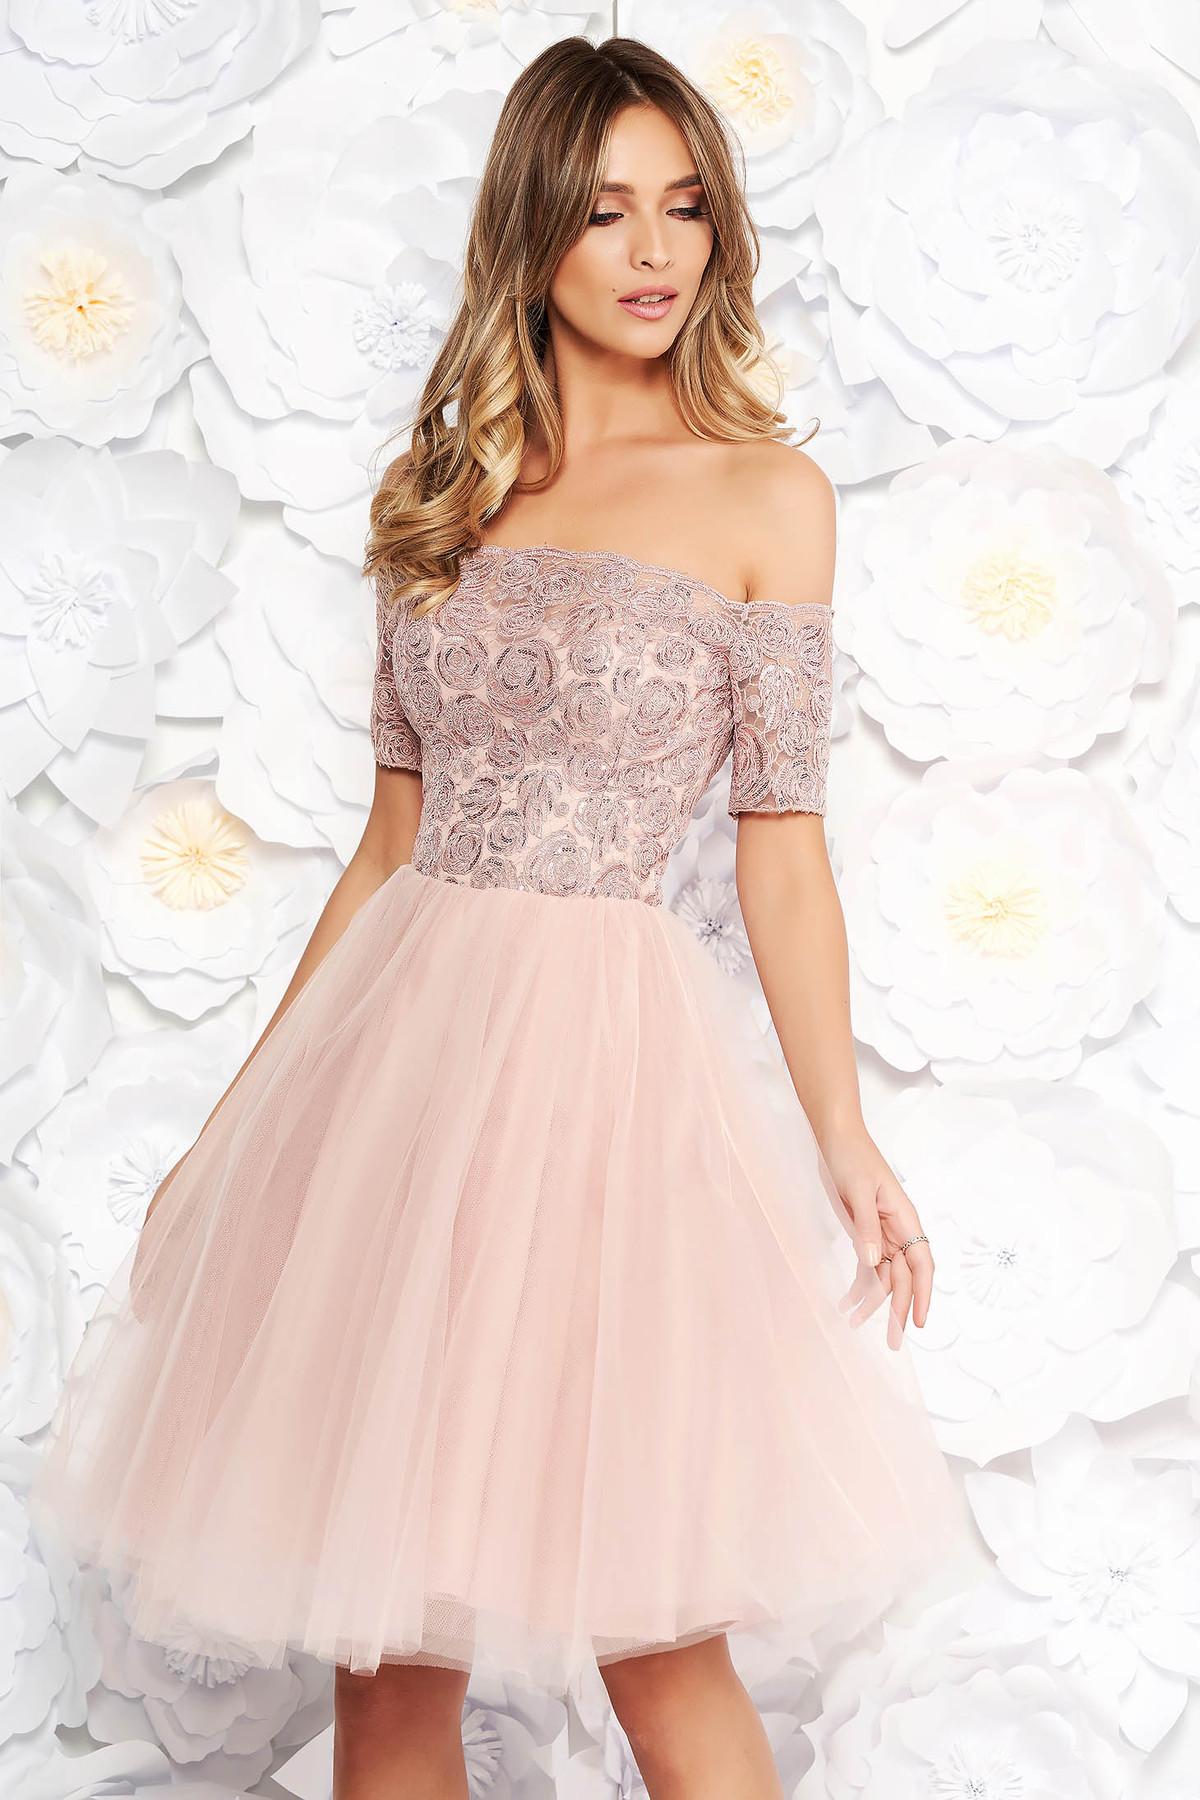 a966462a67 Rózsaszínű Artista alkalmi harang ruha csipkés anyag tűll szivacsos mellrész  flitteres díszítés